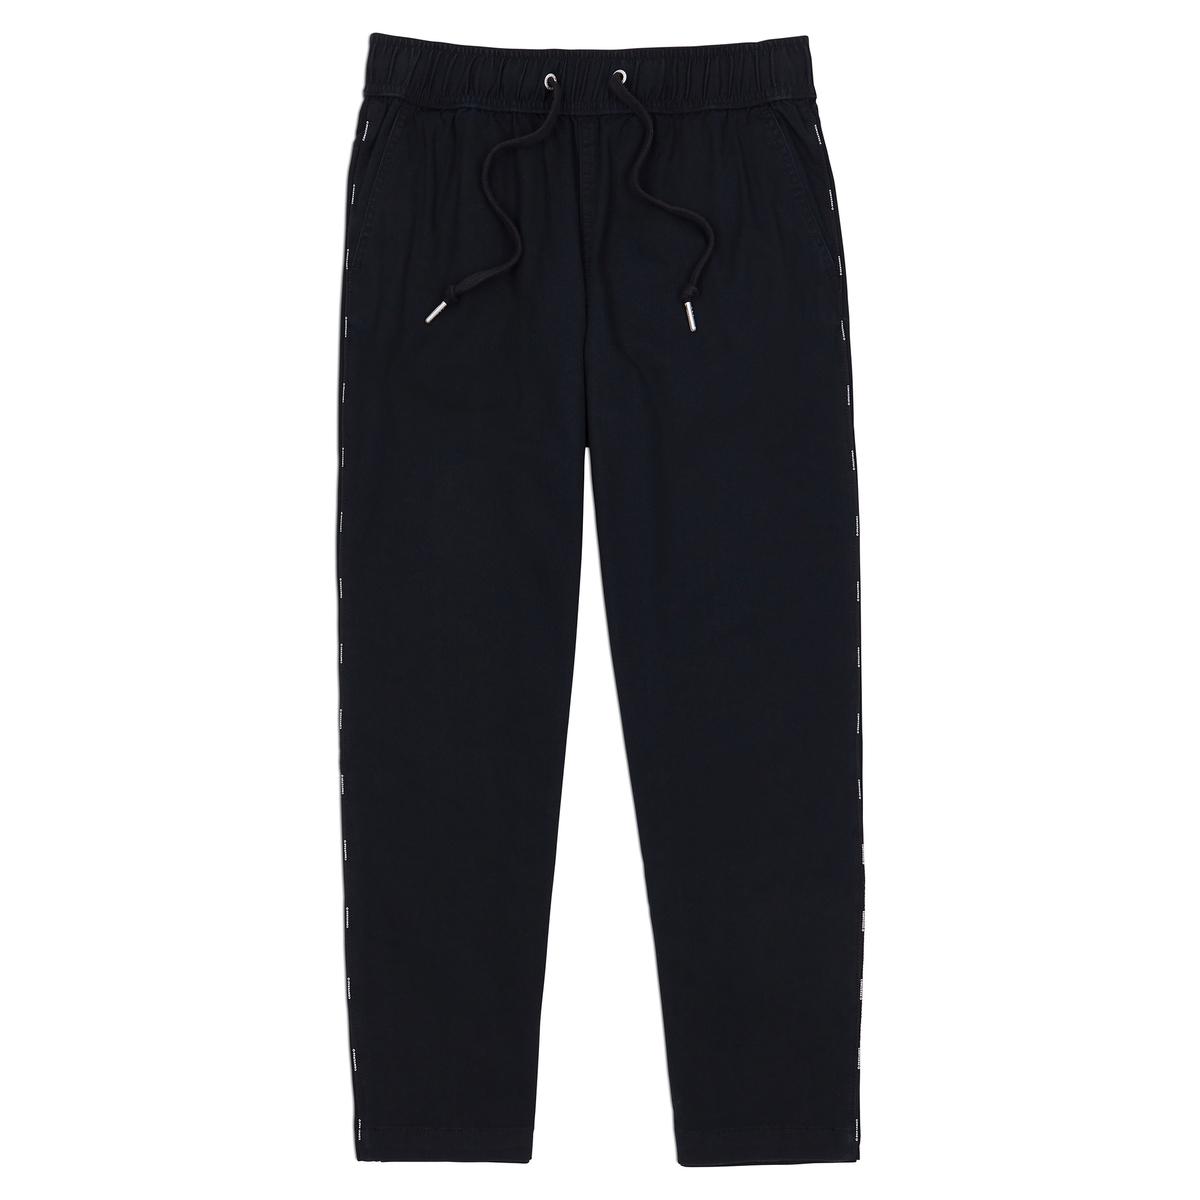 Pantalón de lona Piping Pull-One Pant